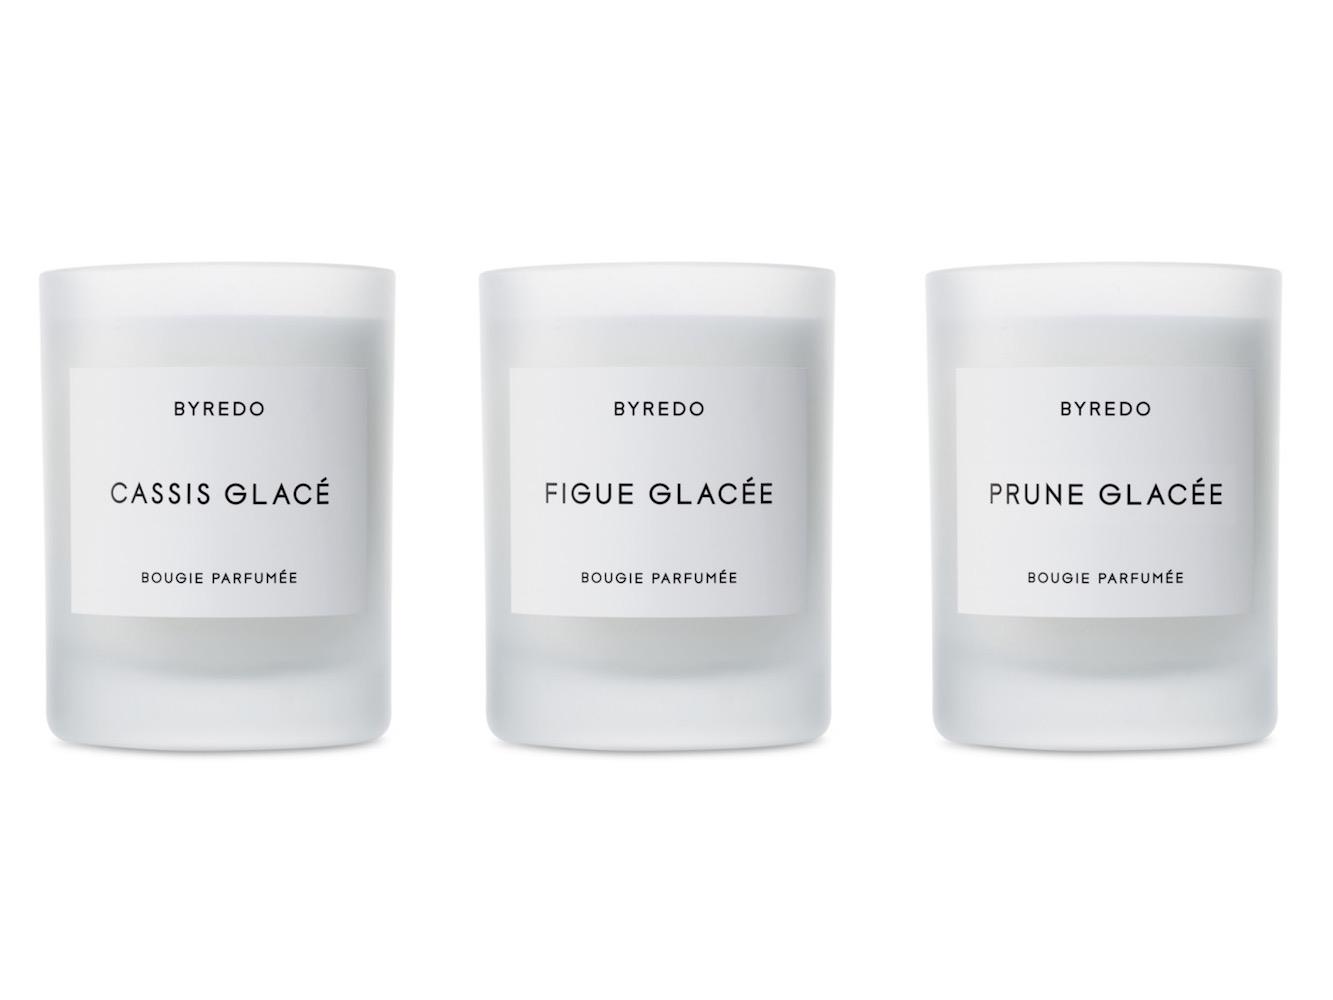 Vánoční svíčky Byredo: Cassis Glasée s květinově-ovocnou vůní, Figue Glacée s květinově-orientálním aroma a květinově-dřevitá Prune Glacée. Prodává Ingredients